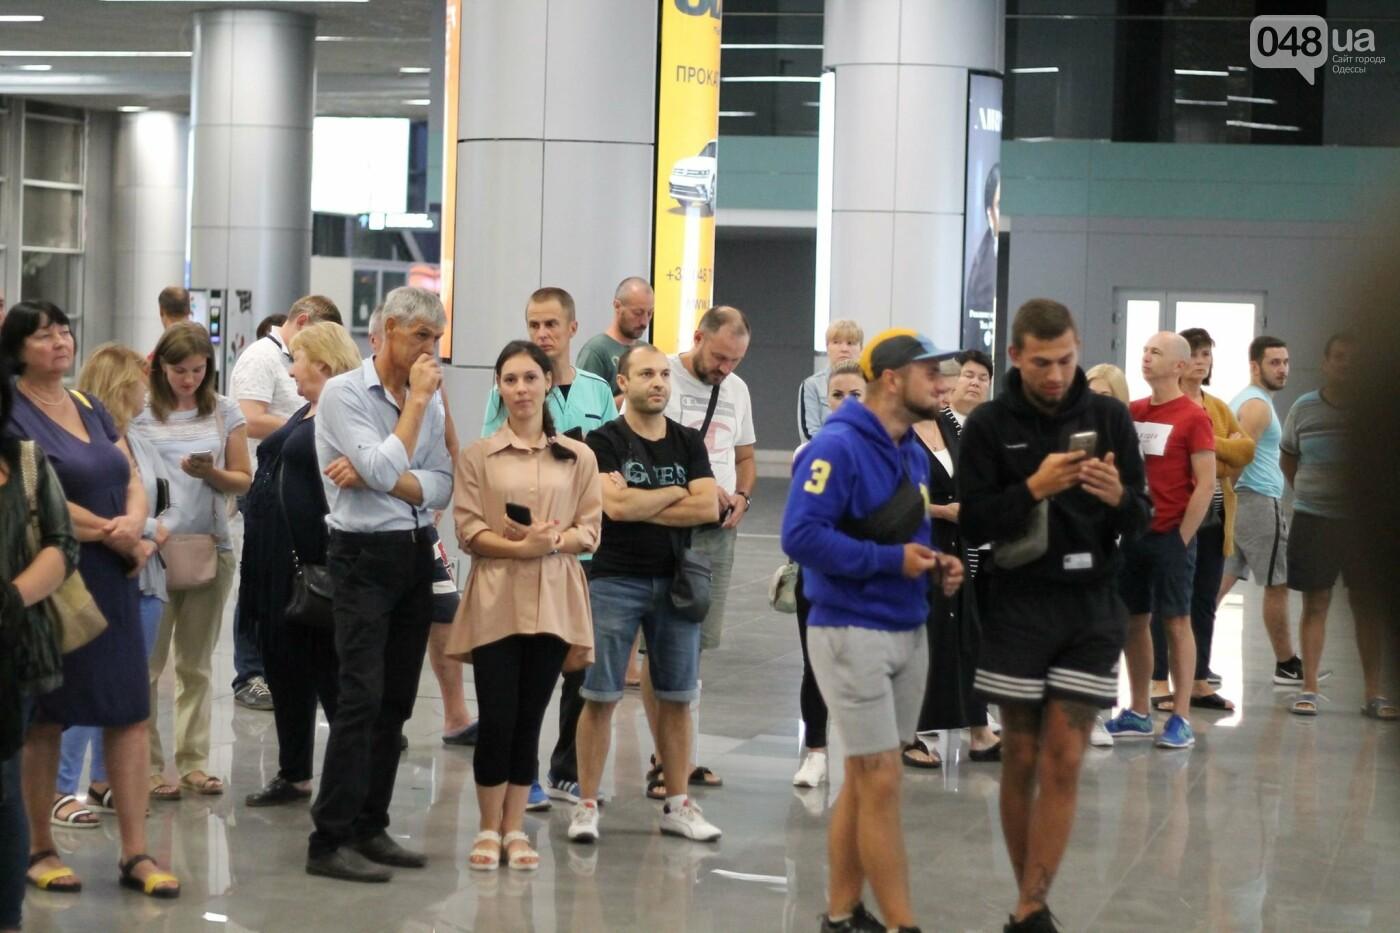 Василий Ломаченко прилетел в Одессу: как встречали боксера в аэропорту, - ФОТО, ВИДЕО, фото-8